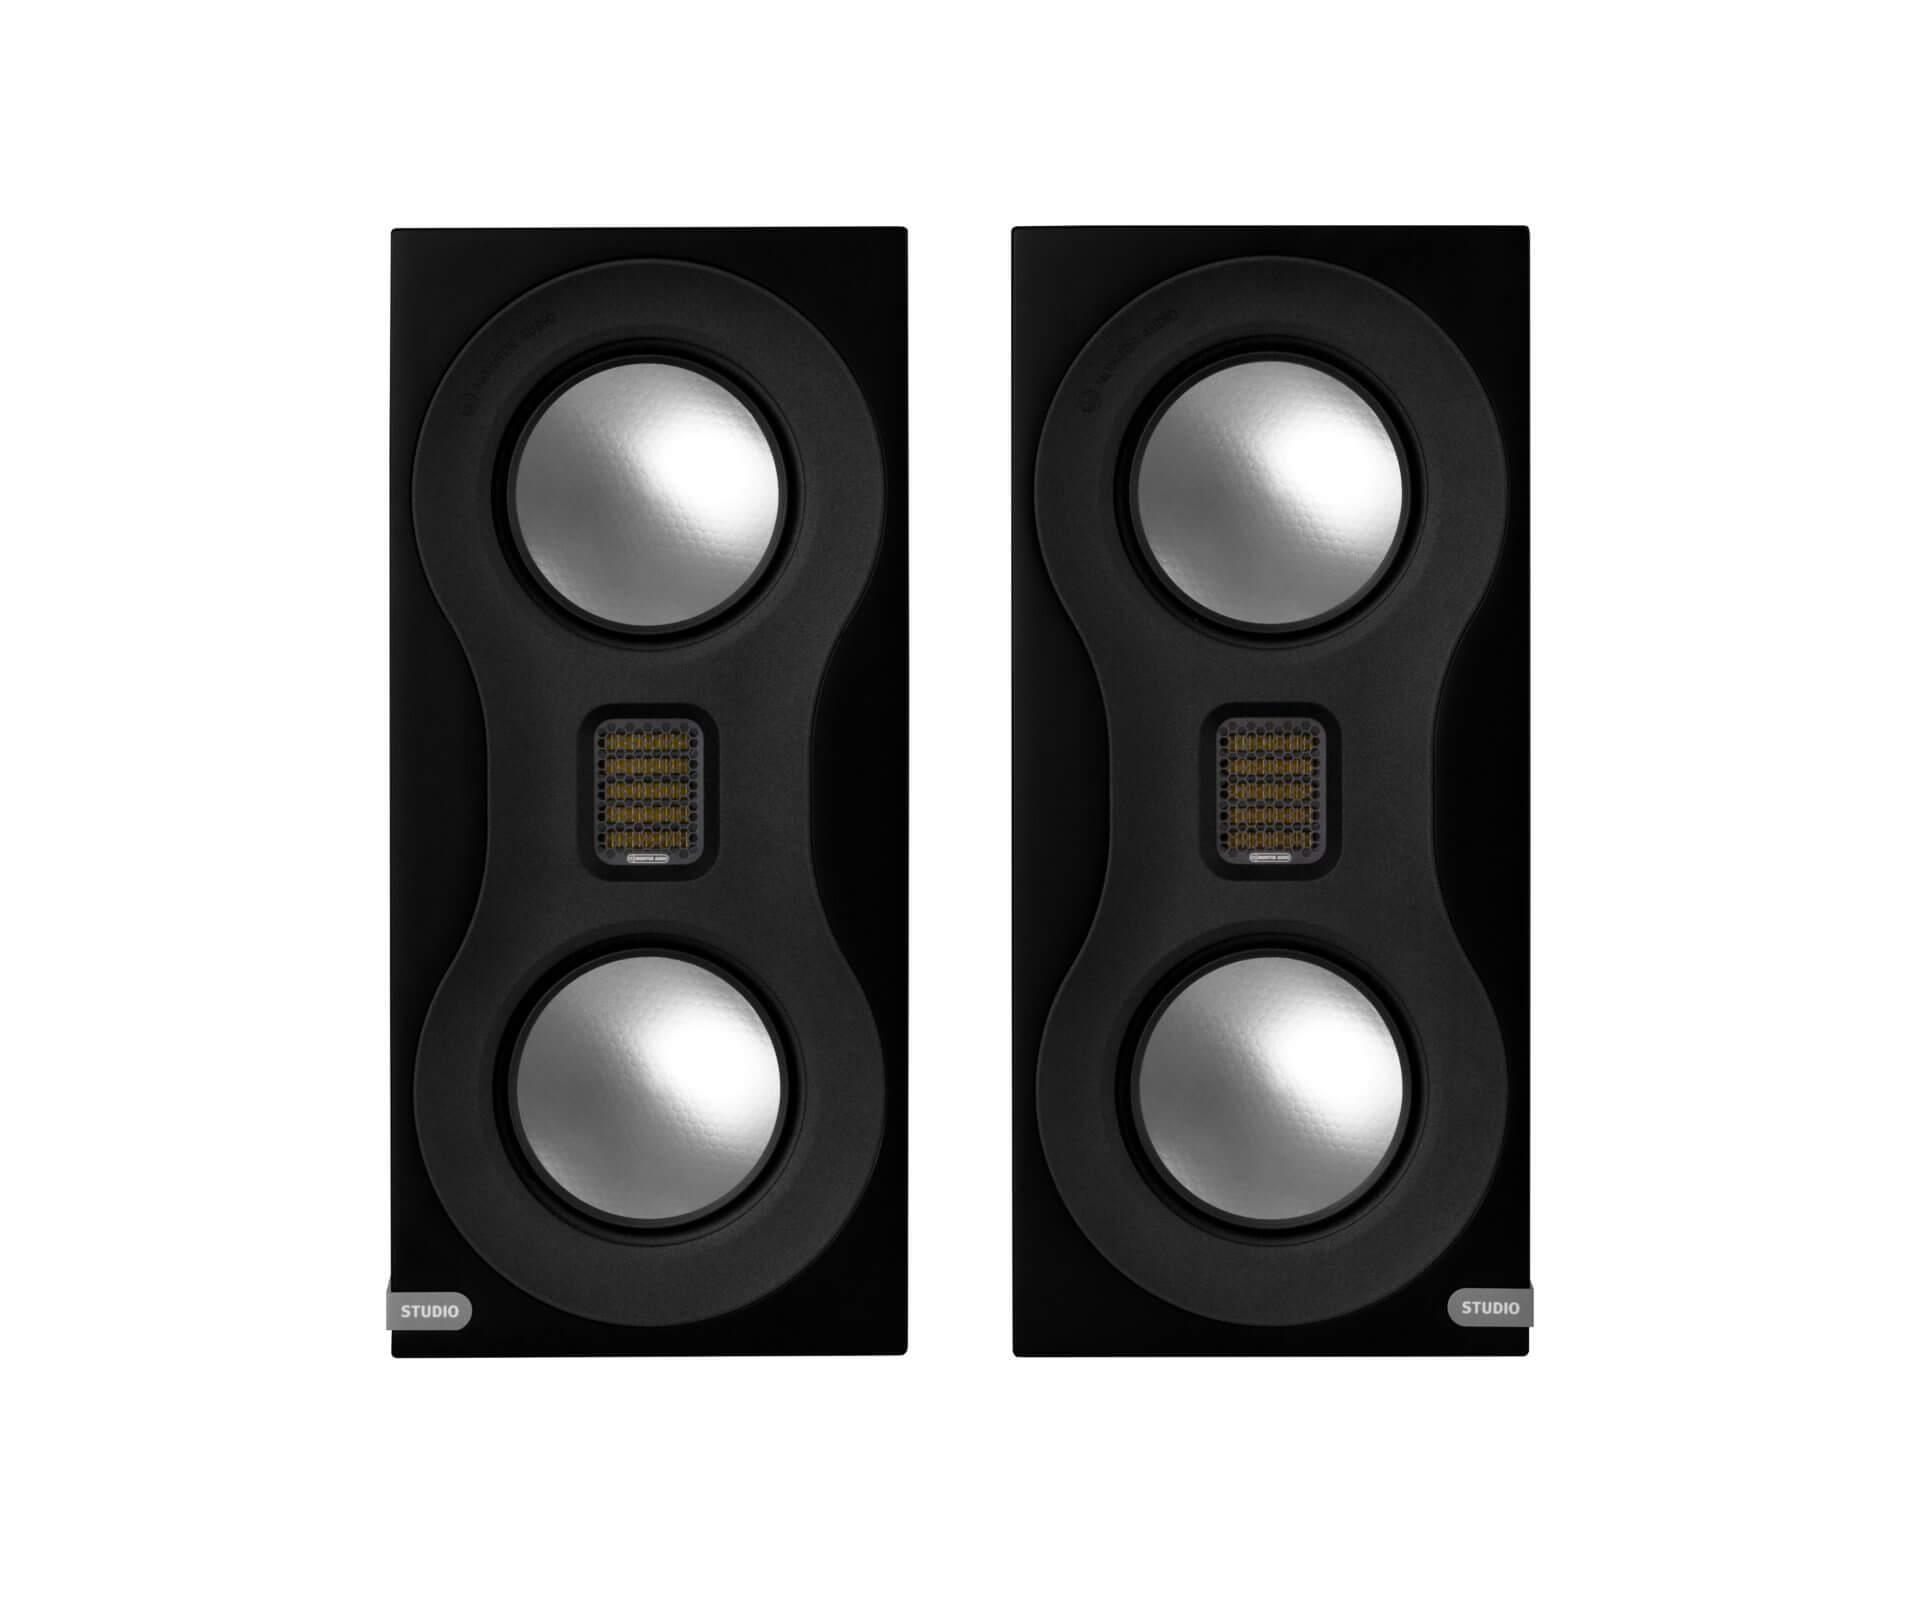 QoTHEgzg - MONITOR AUDIO(モニターオーディオ)スピーカーStudioの試聴レビュー【10万円台】